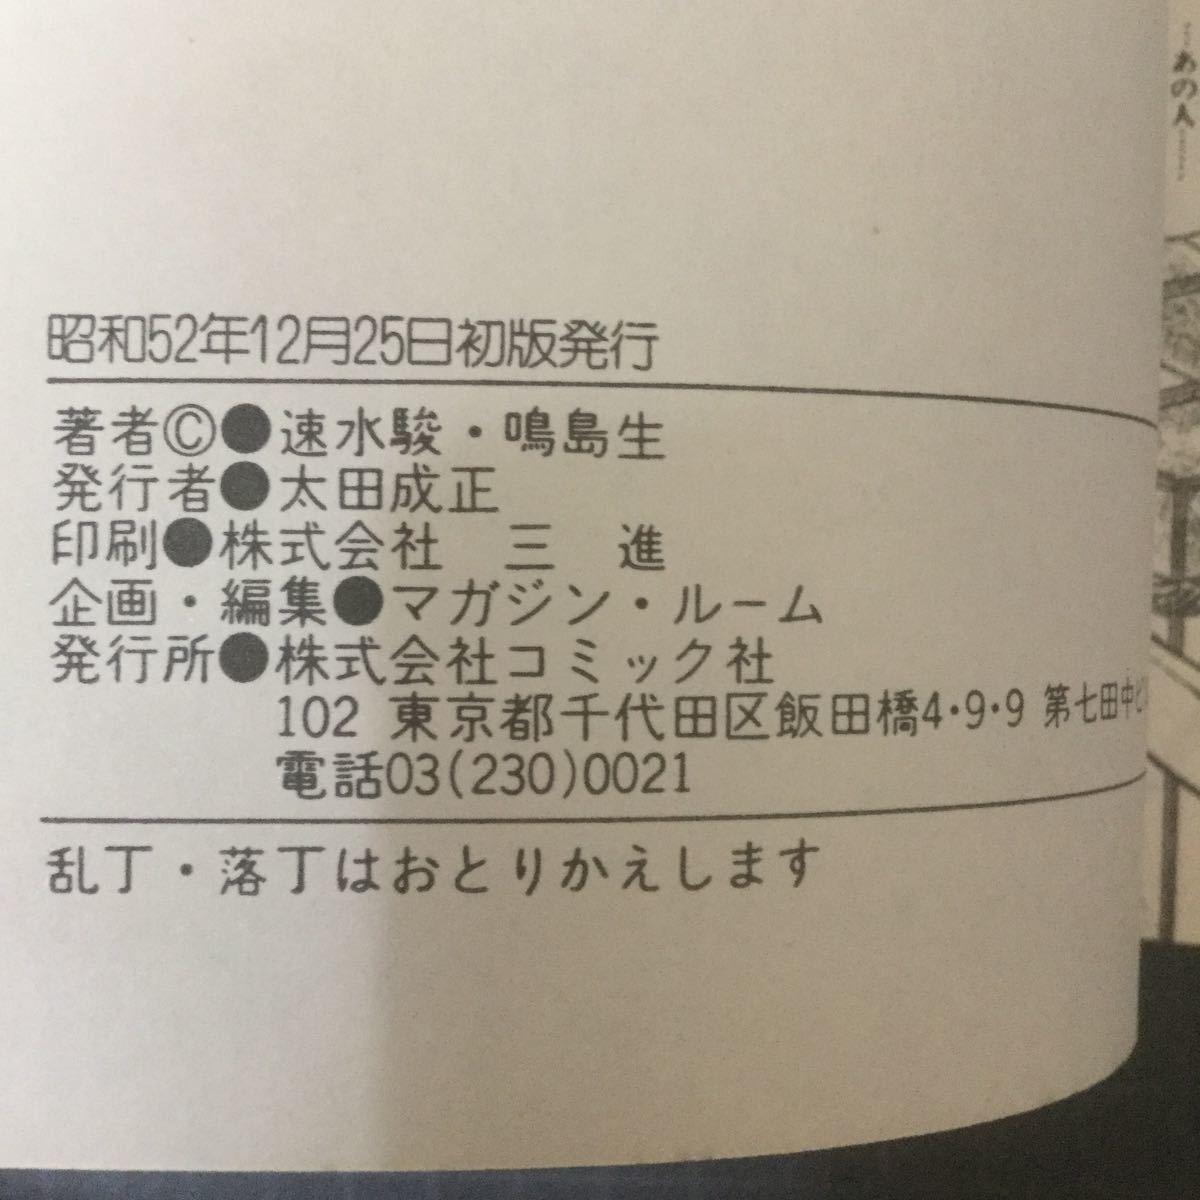 雀奇秘文帖 完結編_画像4